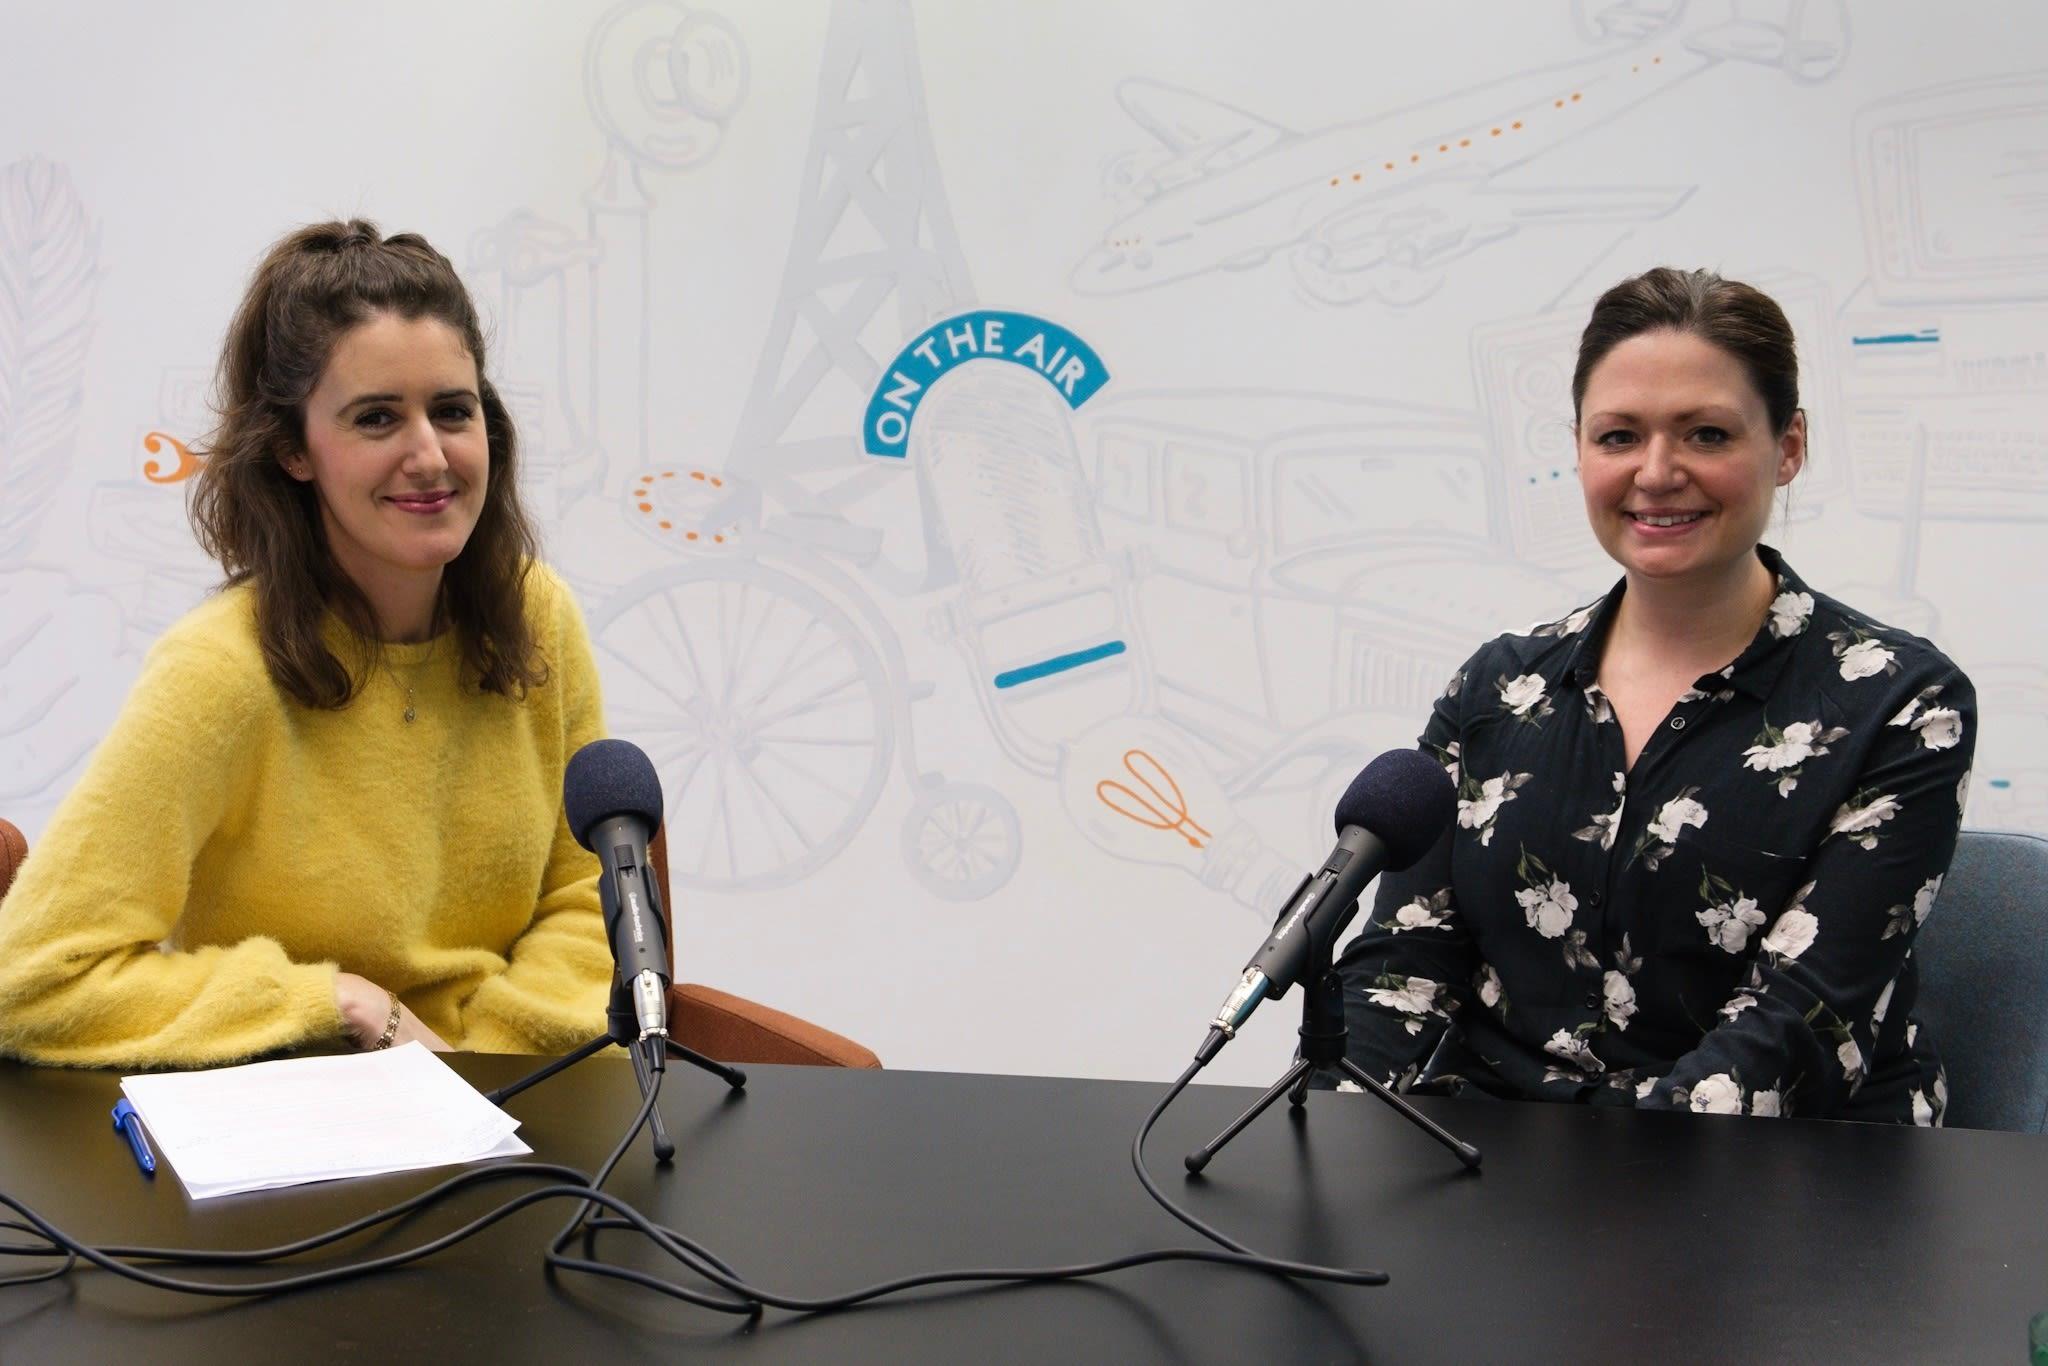 Zwei Frauen sitzen am Tisch mit Mikrofonen